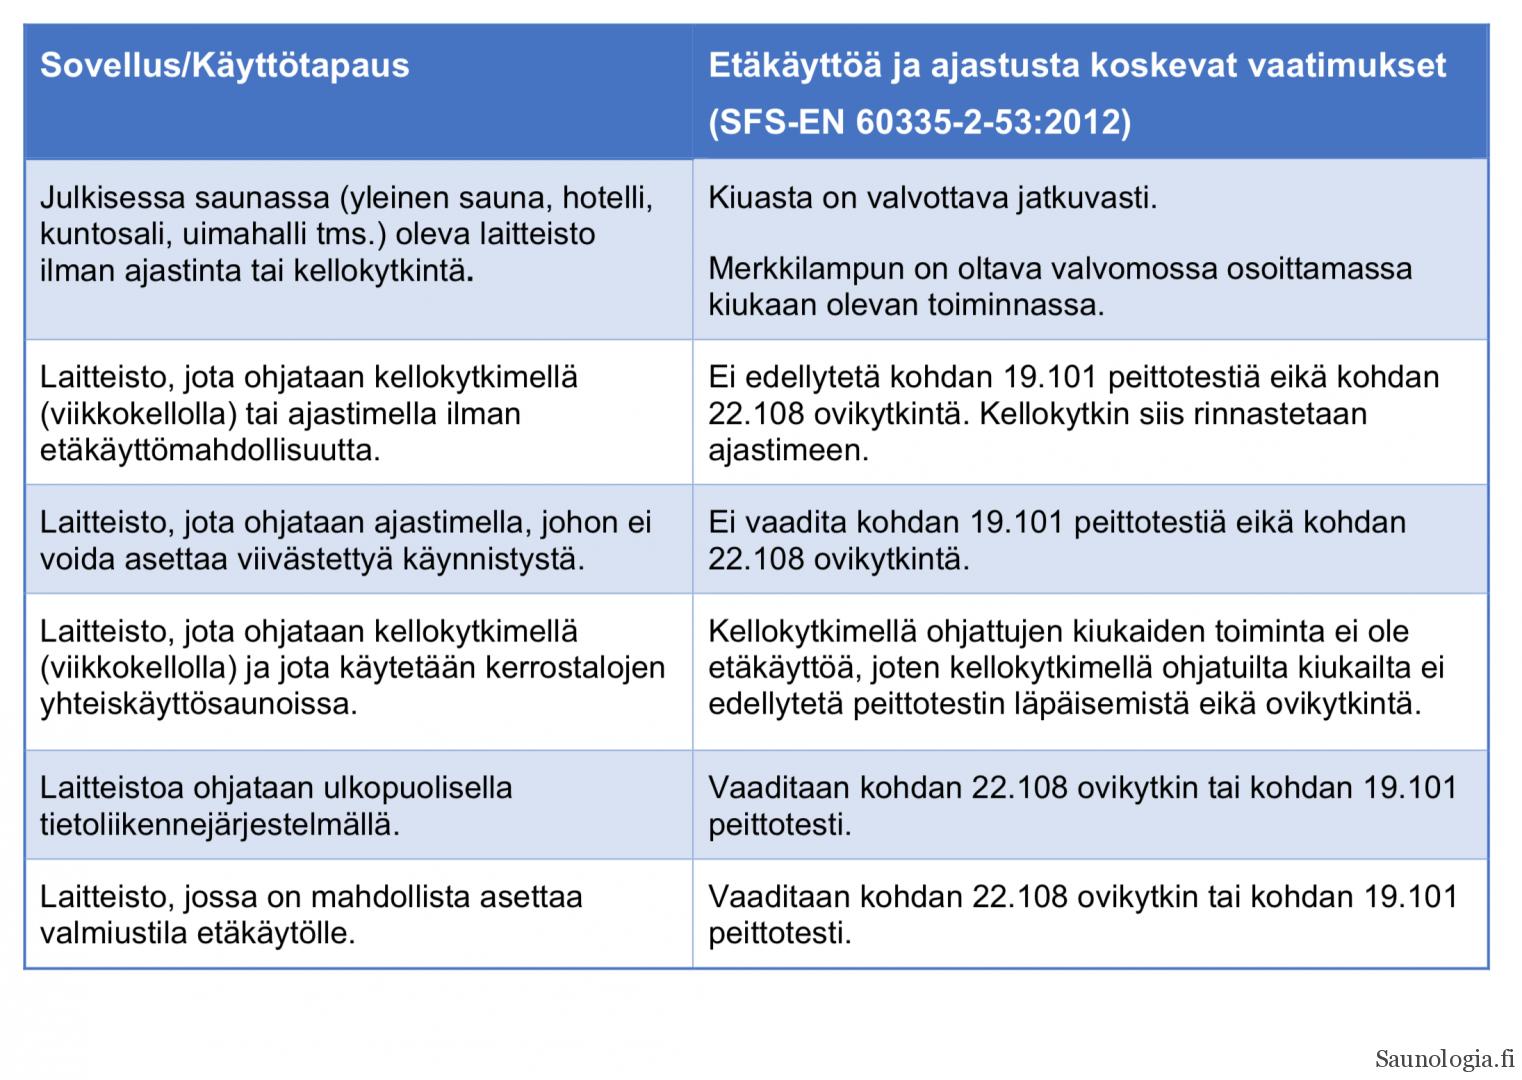 Taulukko sähkökiukaiden etäkäytön rajoituksista